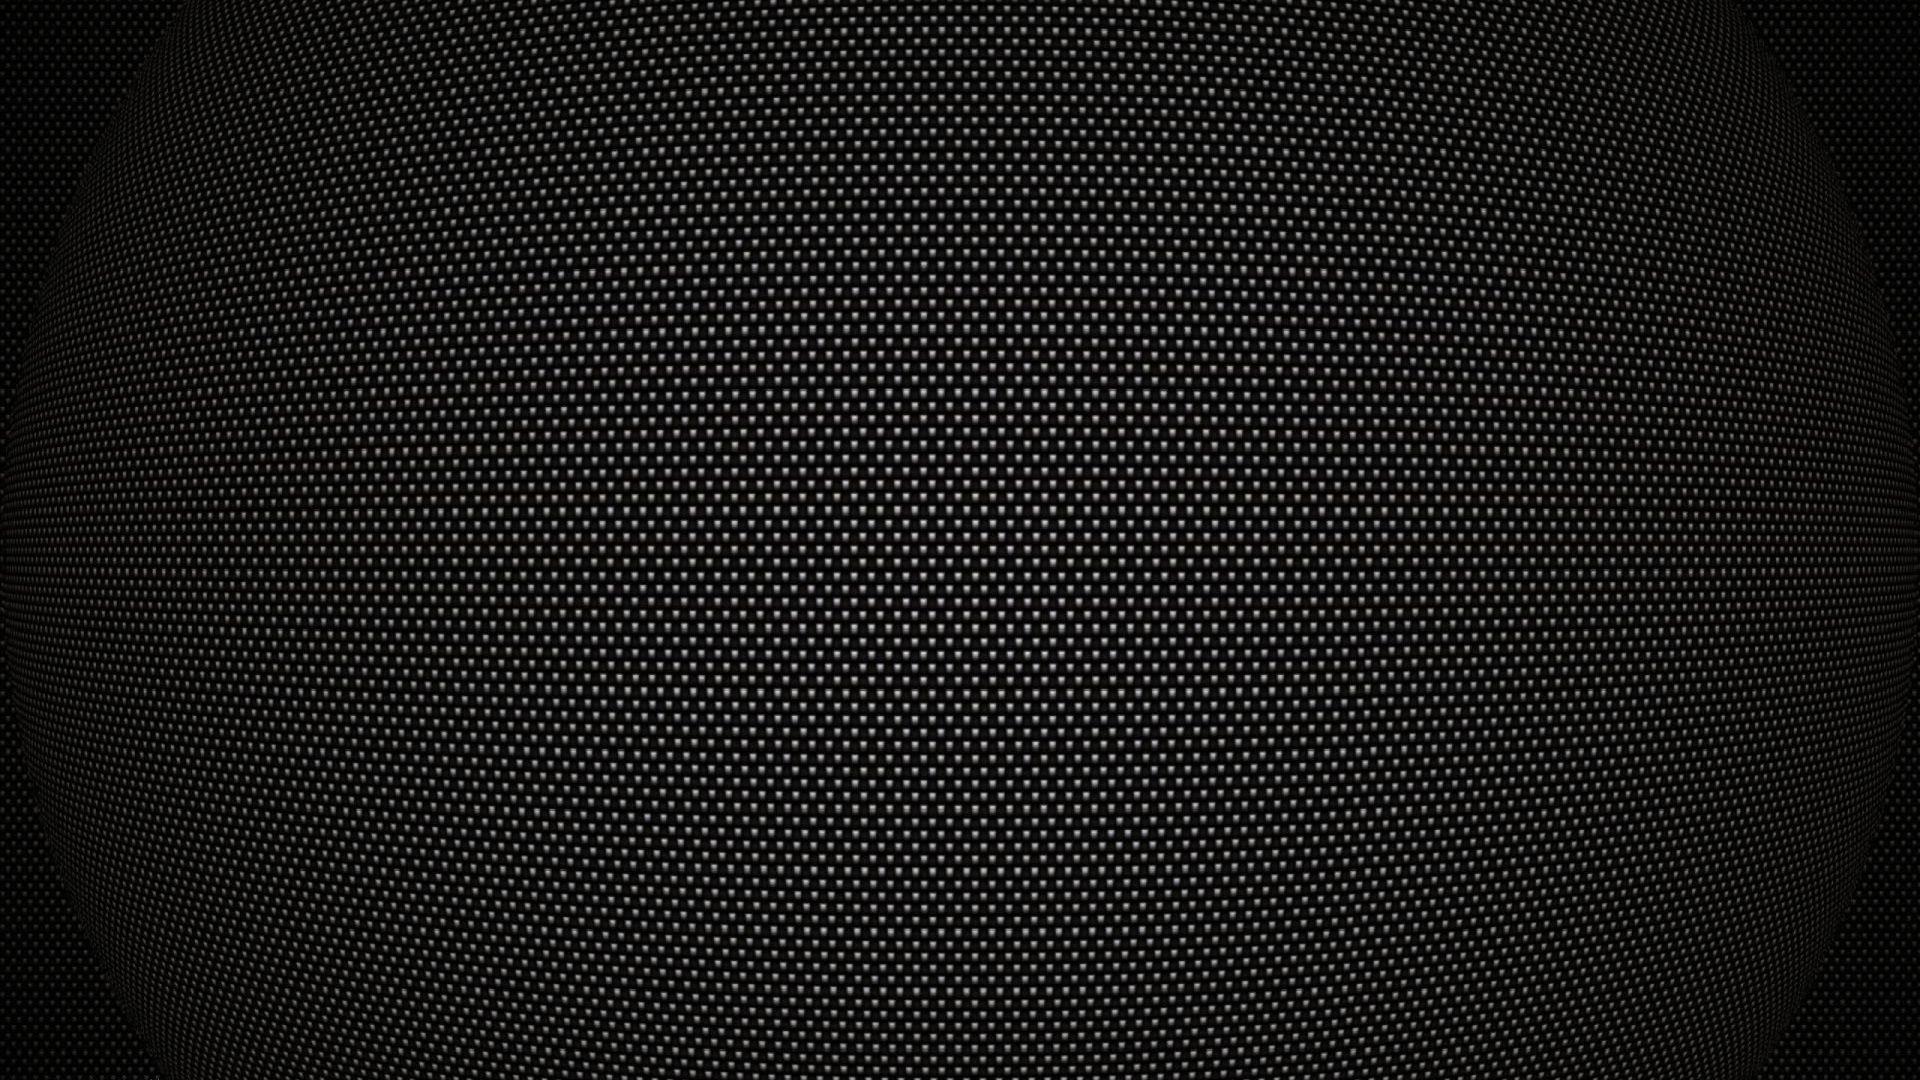 Plain Black 1080p